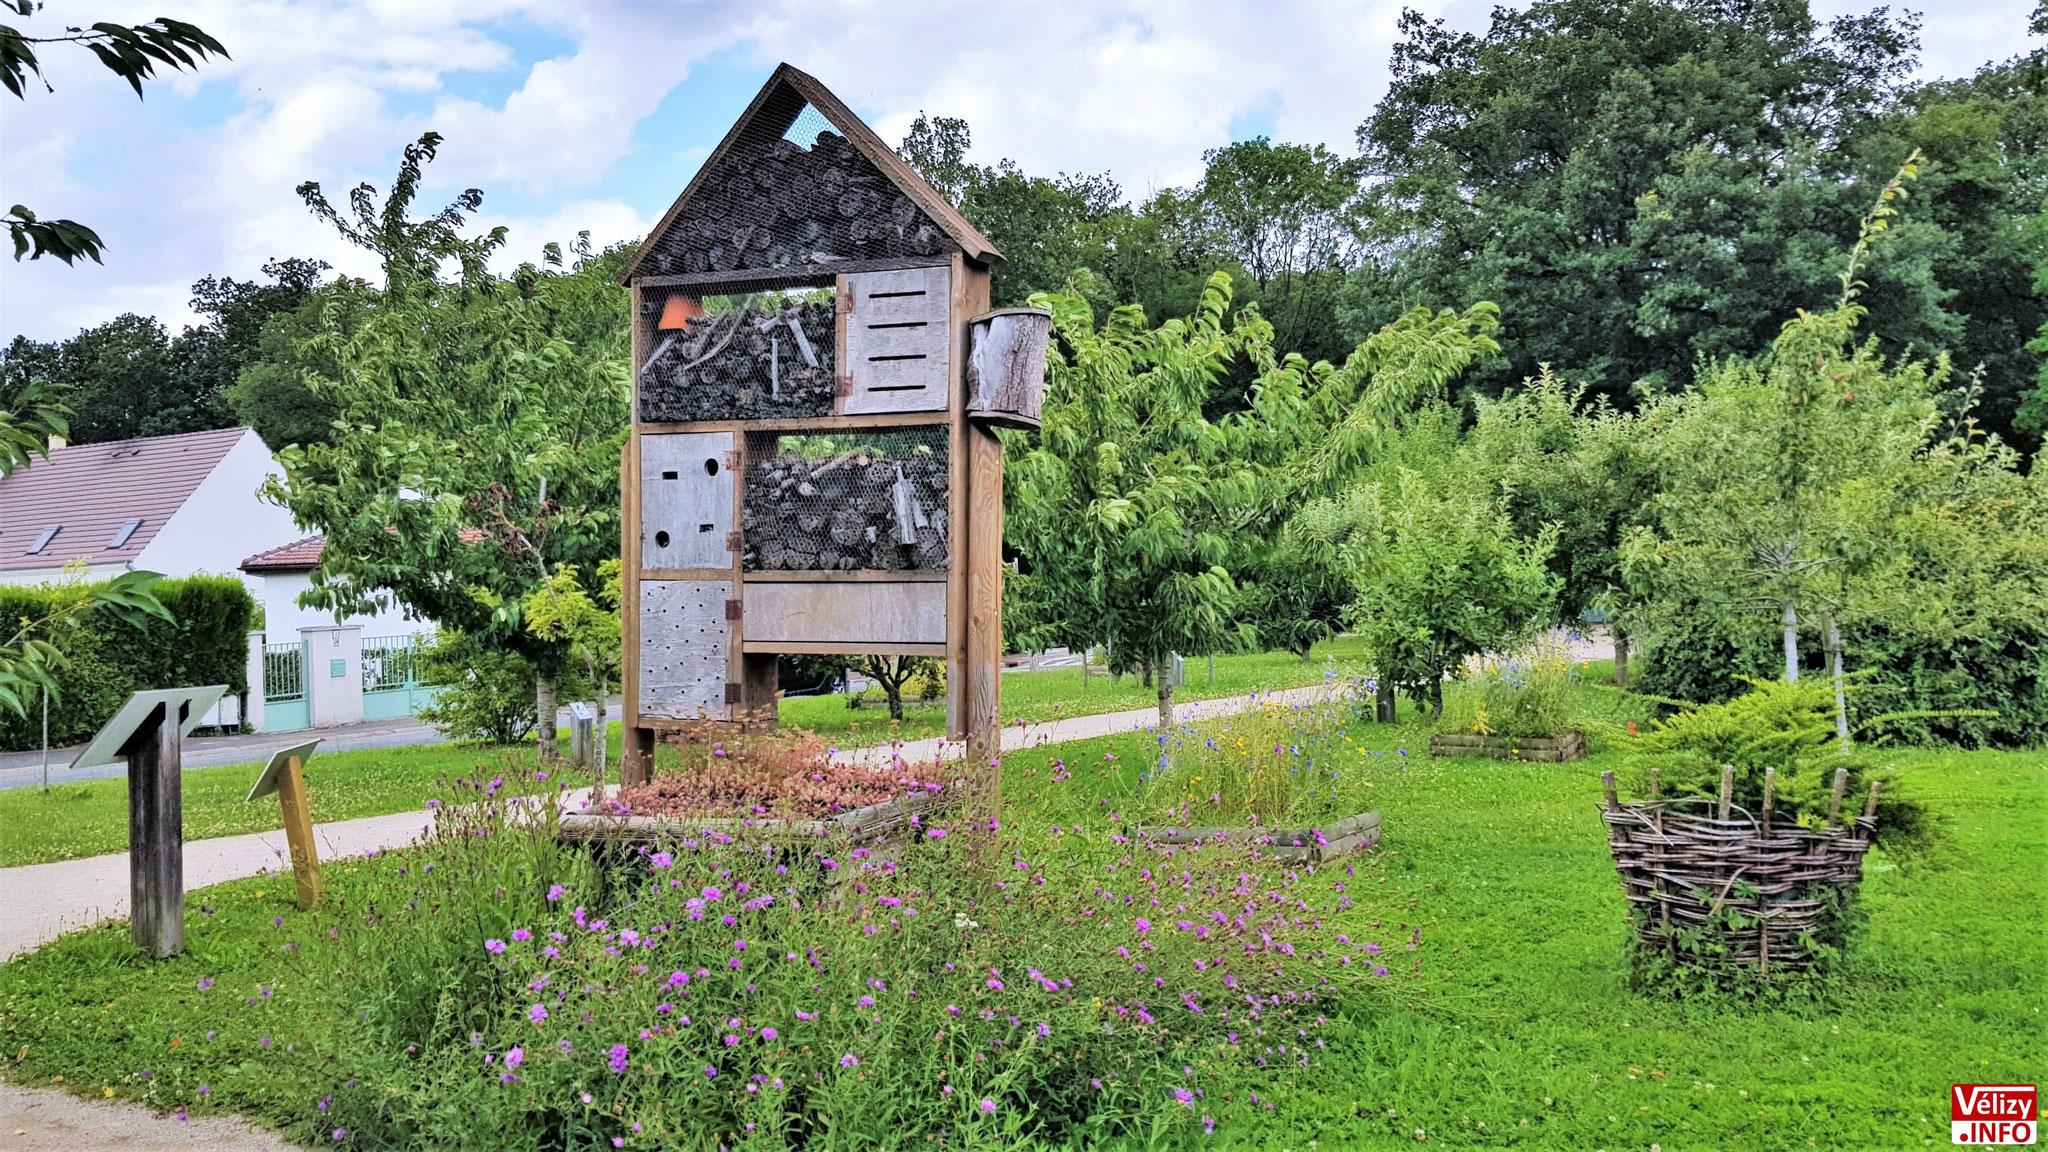 Hôtel à insectes installé dans le Jardin des Sens à Vélizy-Villacoublay.